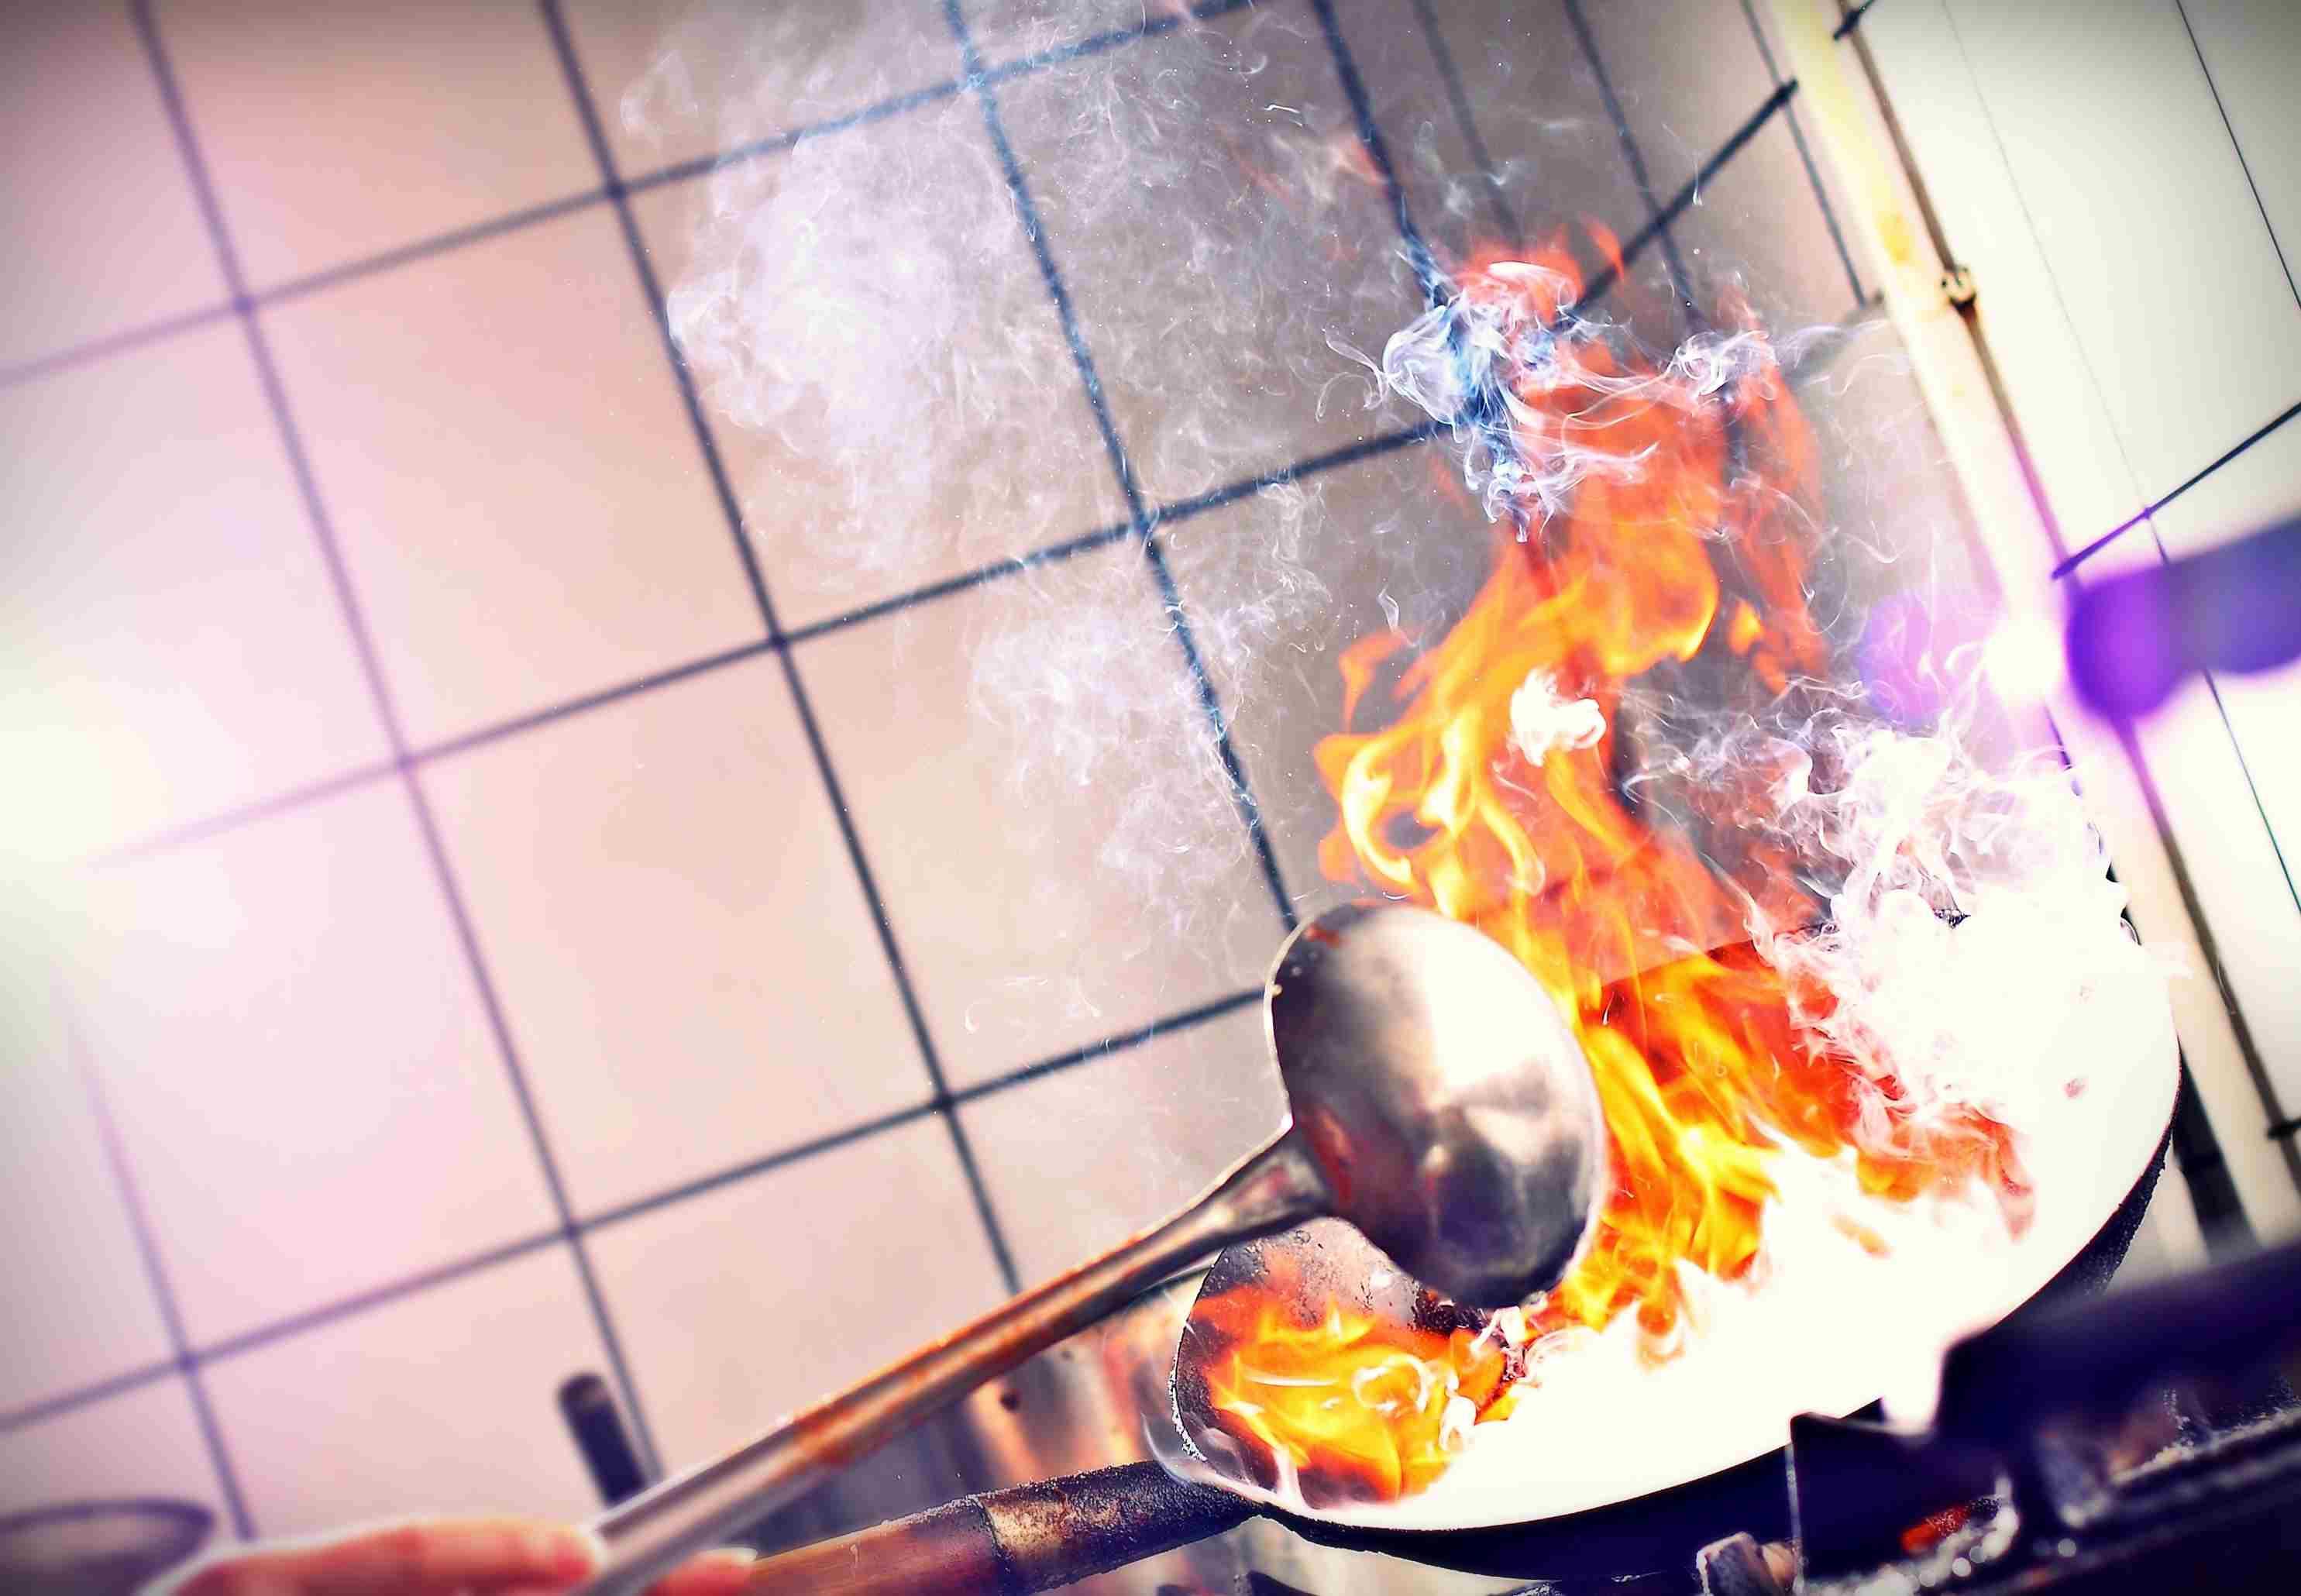 Fire burning in frying pan